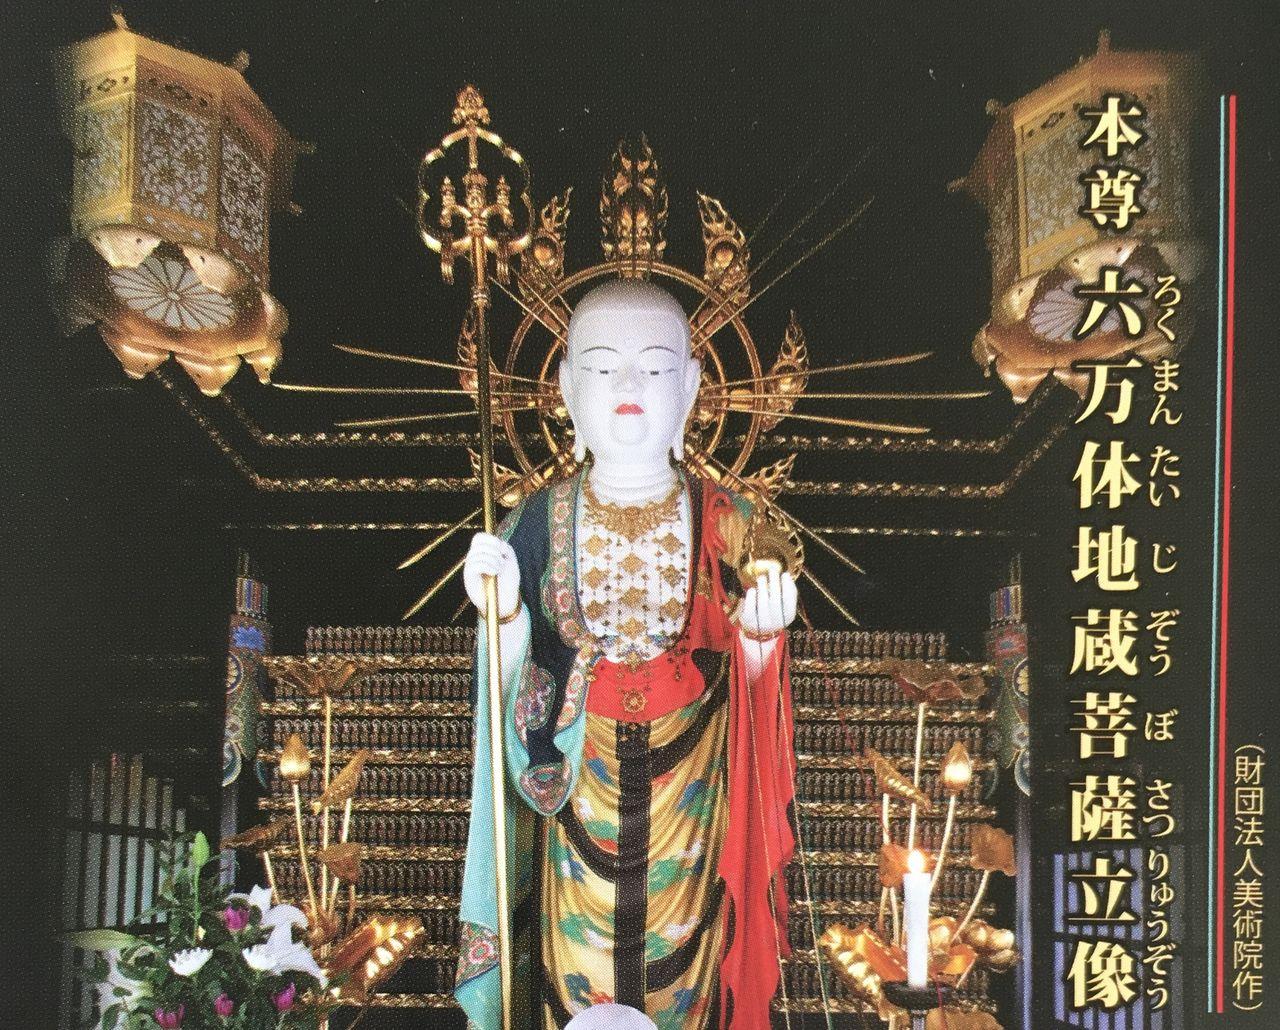 寂光院-ご本尊の六万体地蔵菩薩